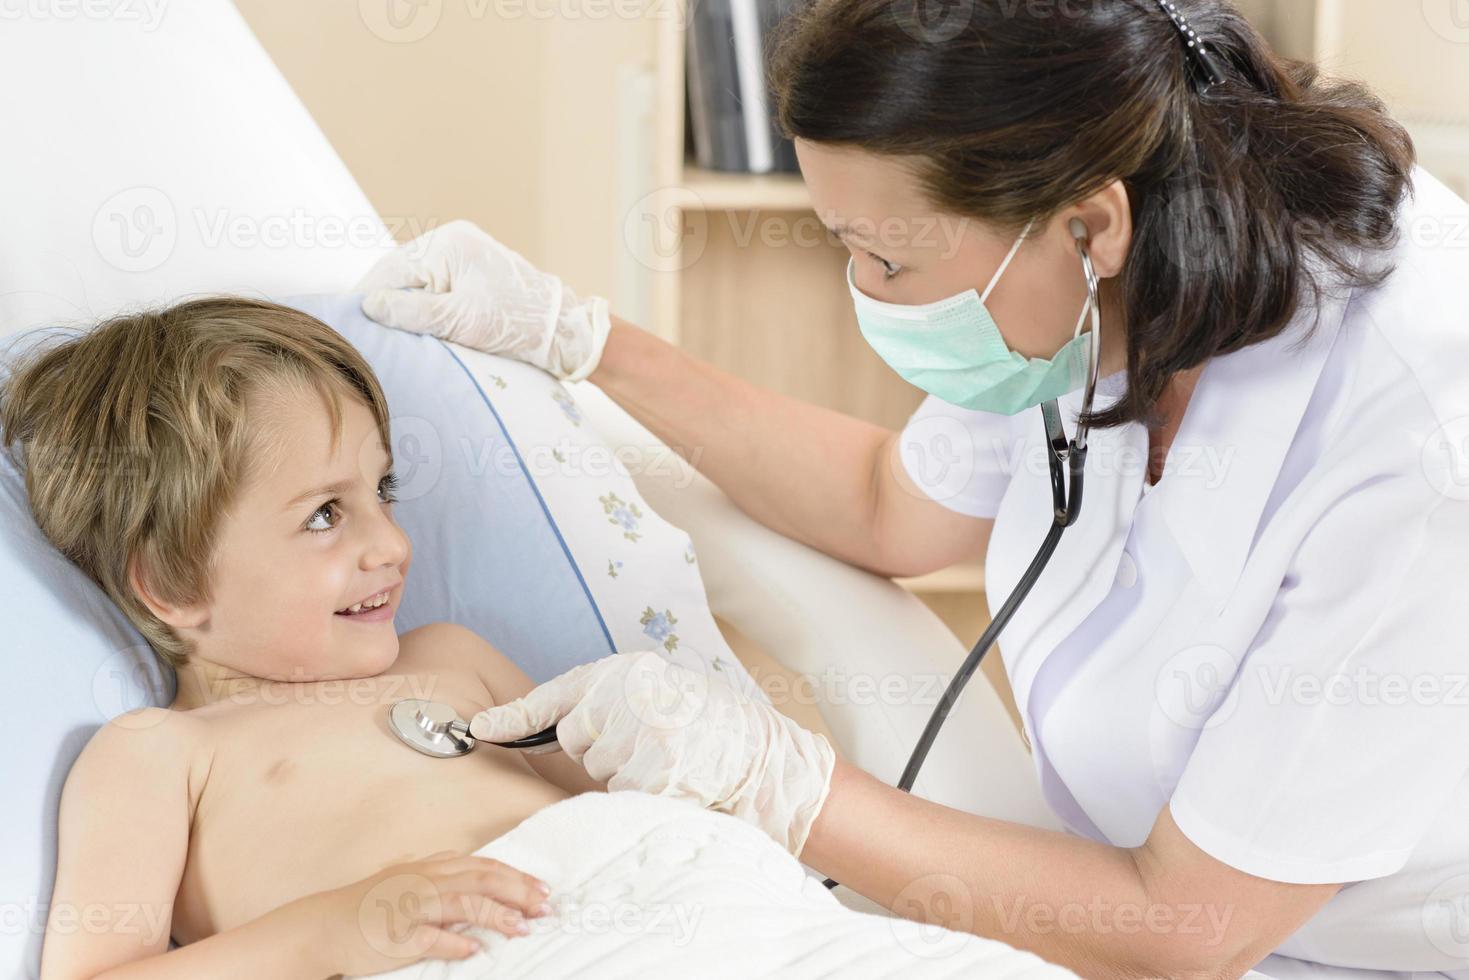 médico consulta um garotinho foto